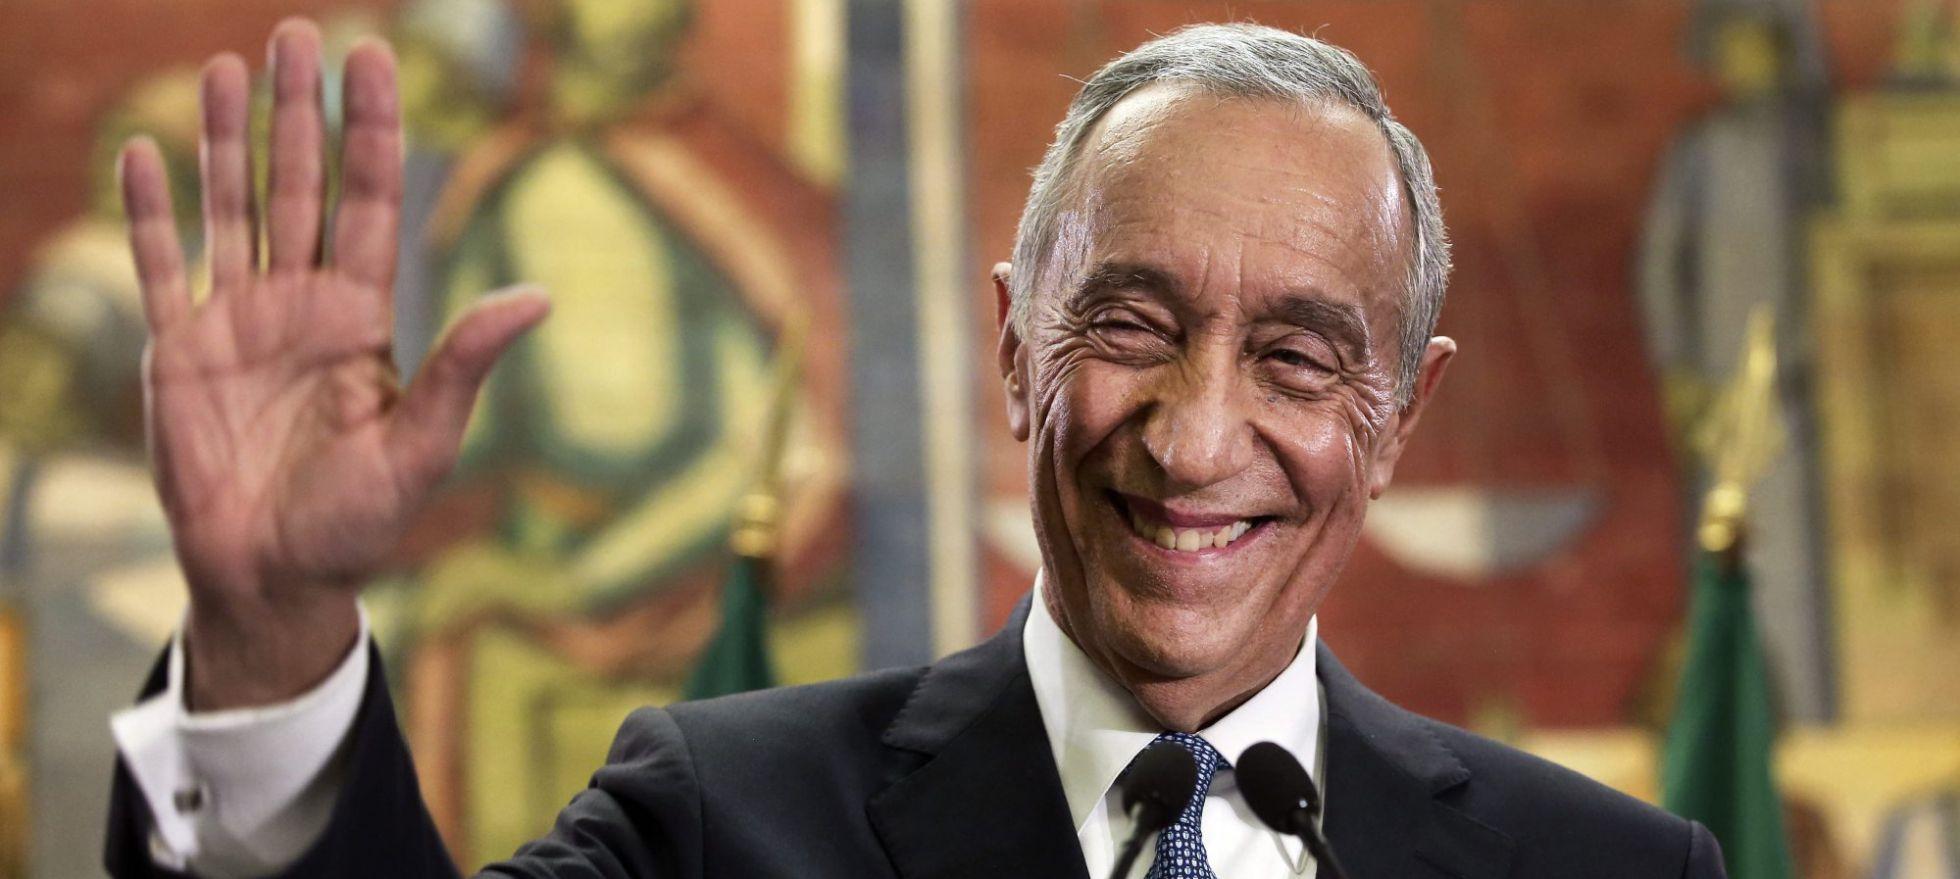 El conservador Rebelo de Sousa arrolla en las elecciones presidenciales de Portugal